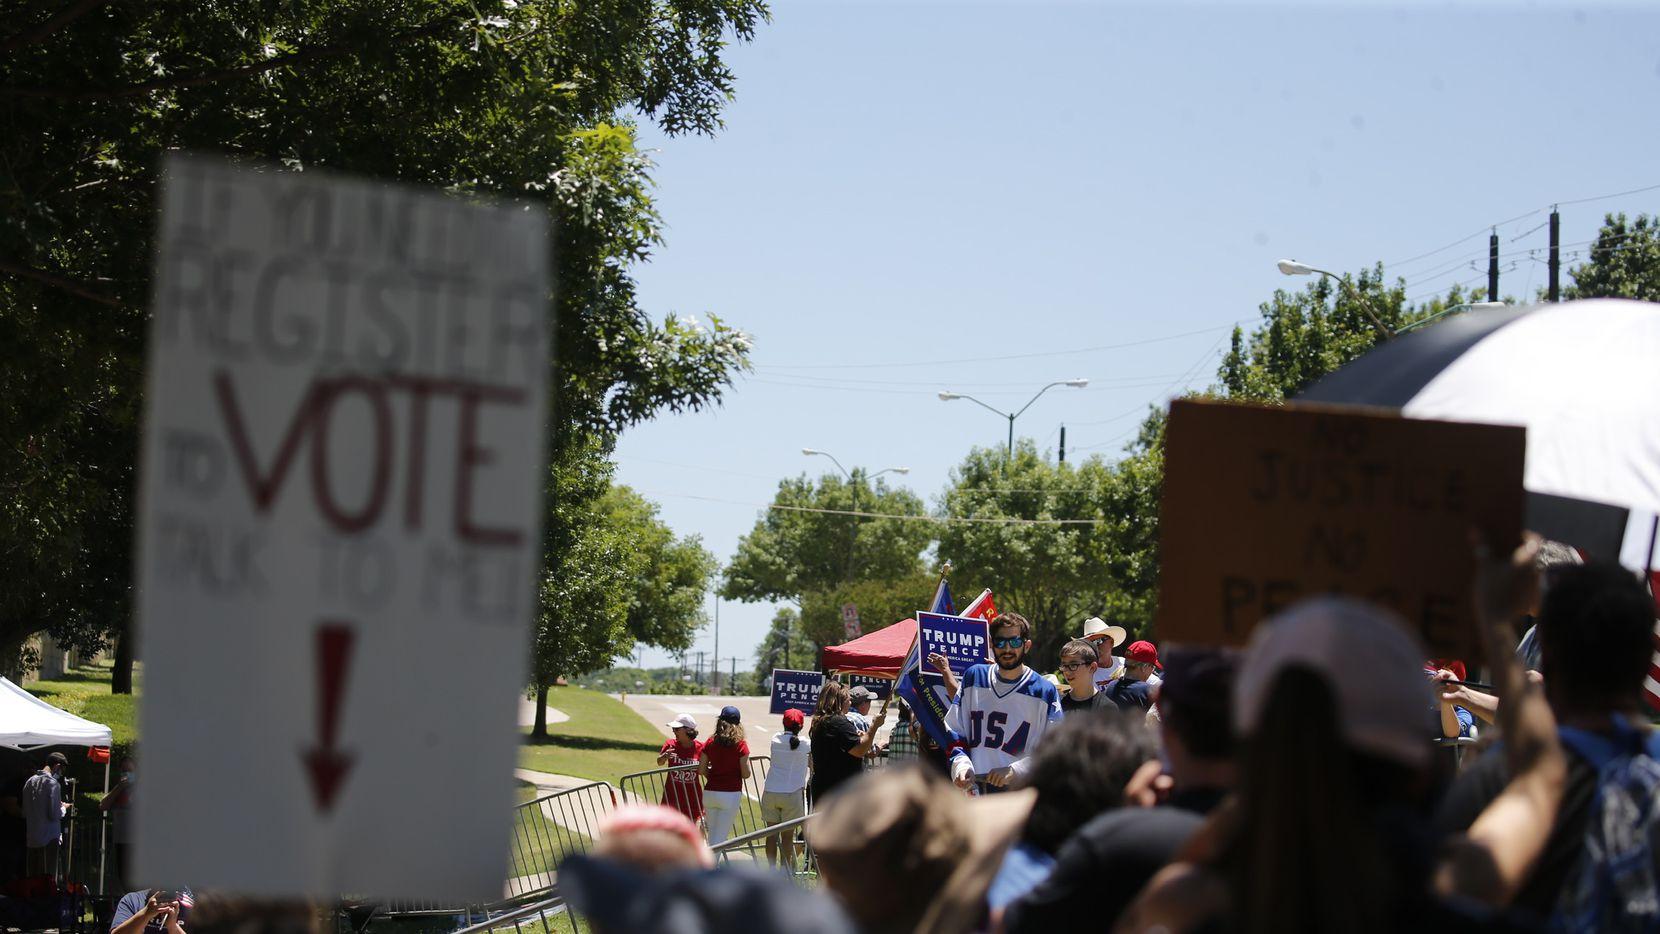 Decenas de manifestantes, a favor y en contra de Donald Trump, llegaron hasta la Gateway Church, al norte de Dallas, en donde iba a llegar el mandatario para panel sobre temas raciales, que no incluía autoridades locales.